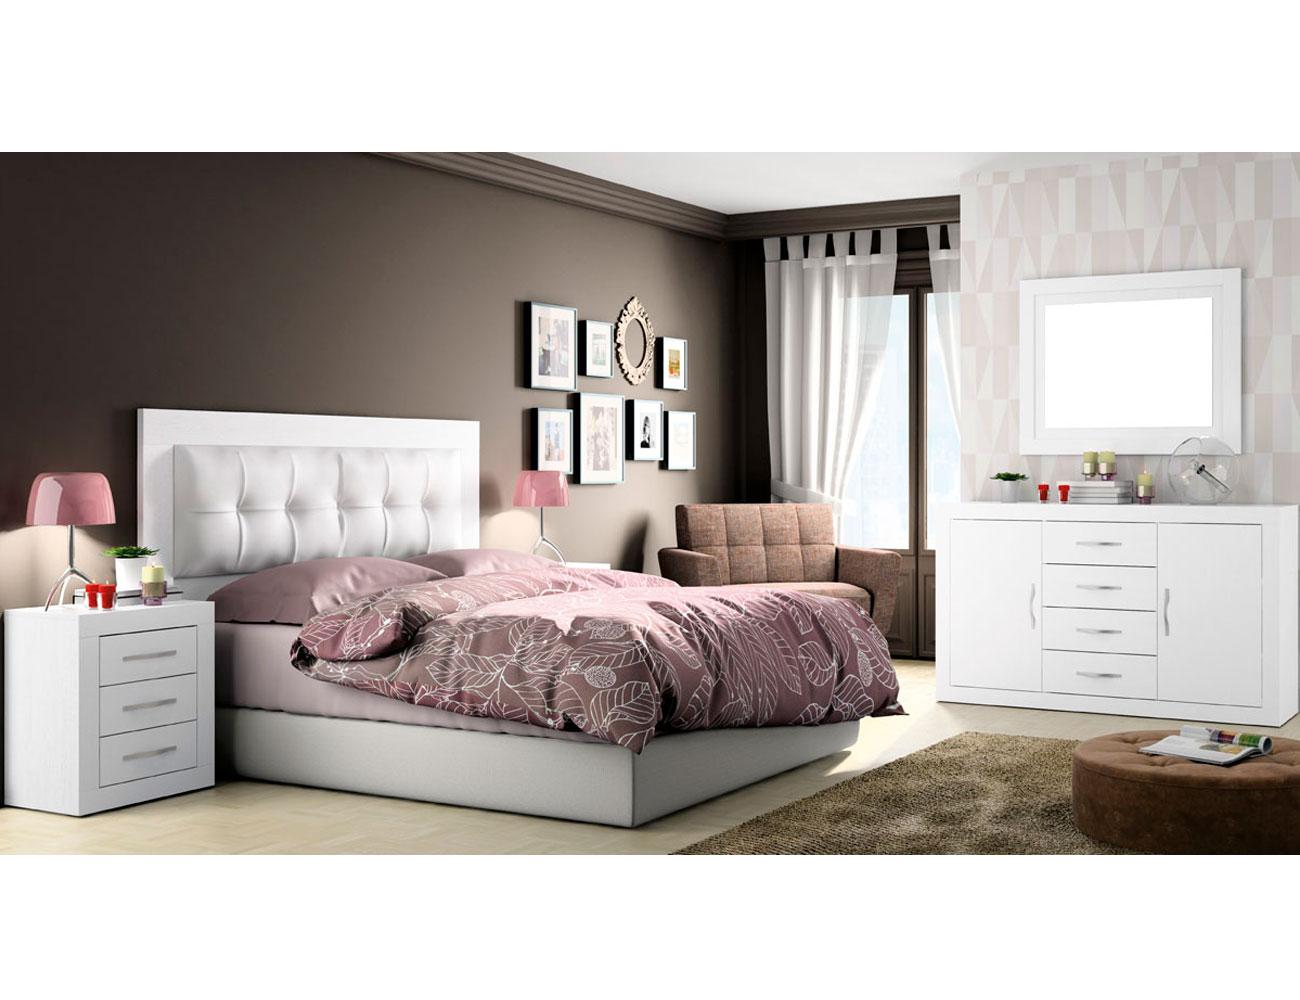 290 dormitorio matrimonio soul blanco tapizado blanco